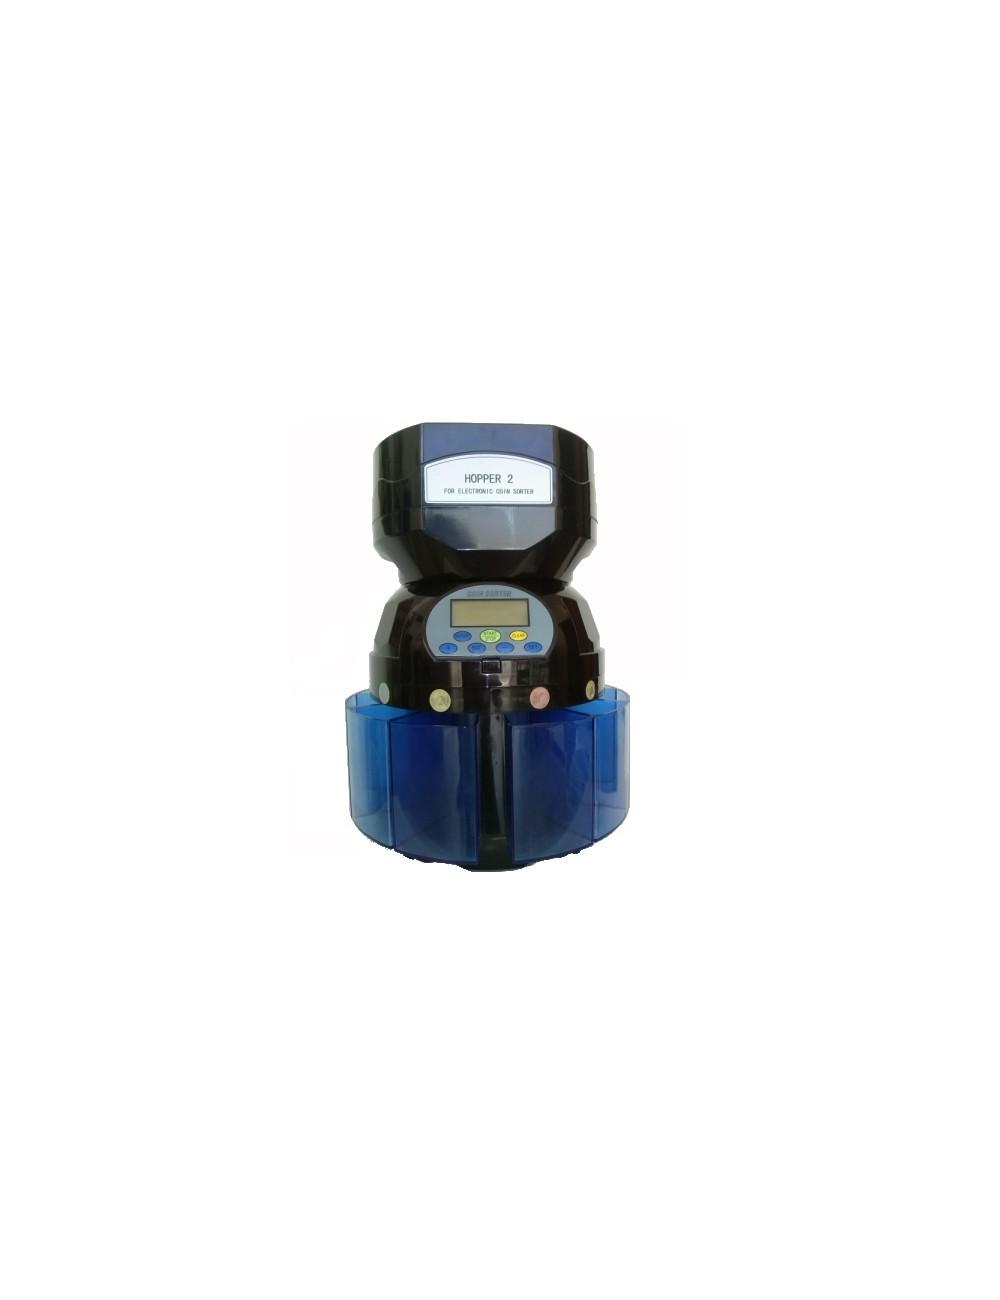 Μετρητής Καταμετρητής Διαχωριστής Κερμάτων Contact PCD 650 PLUS με πρόσθετη χοάνη